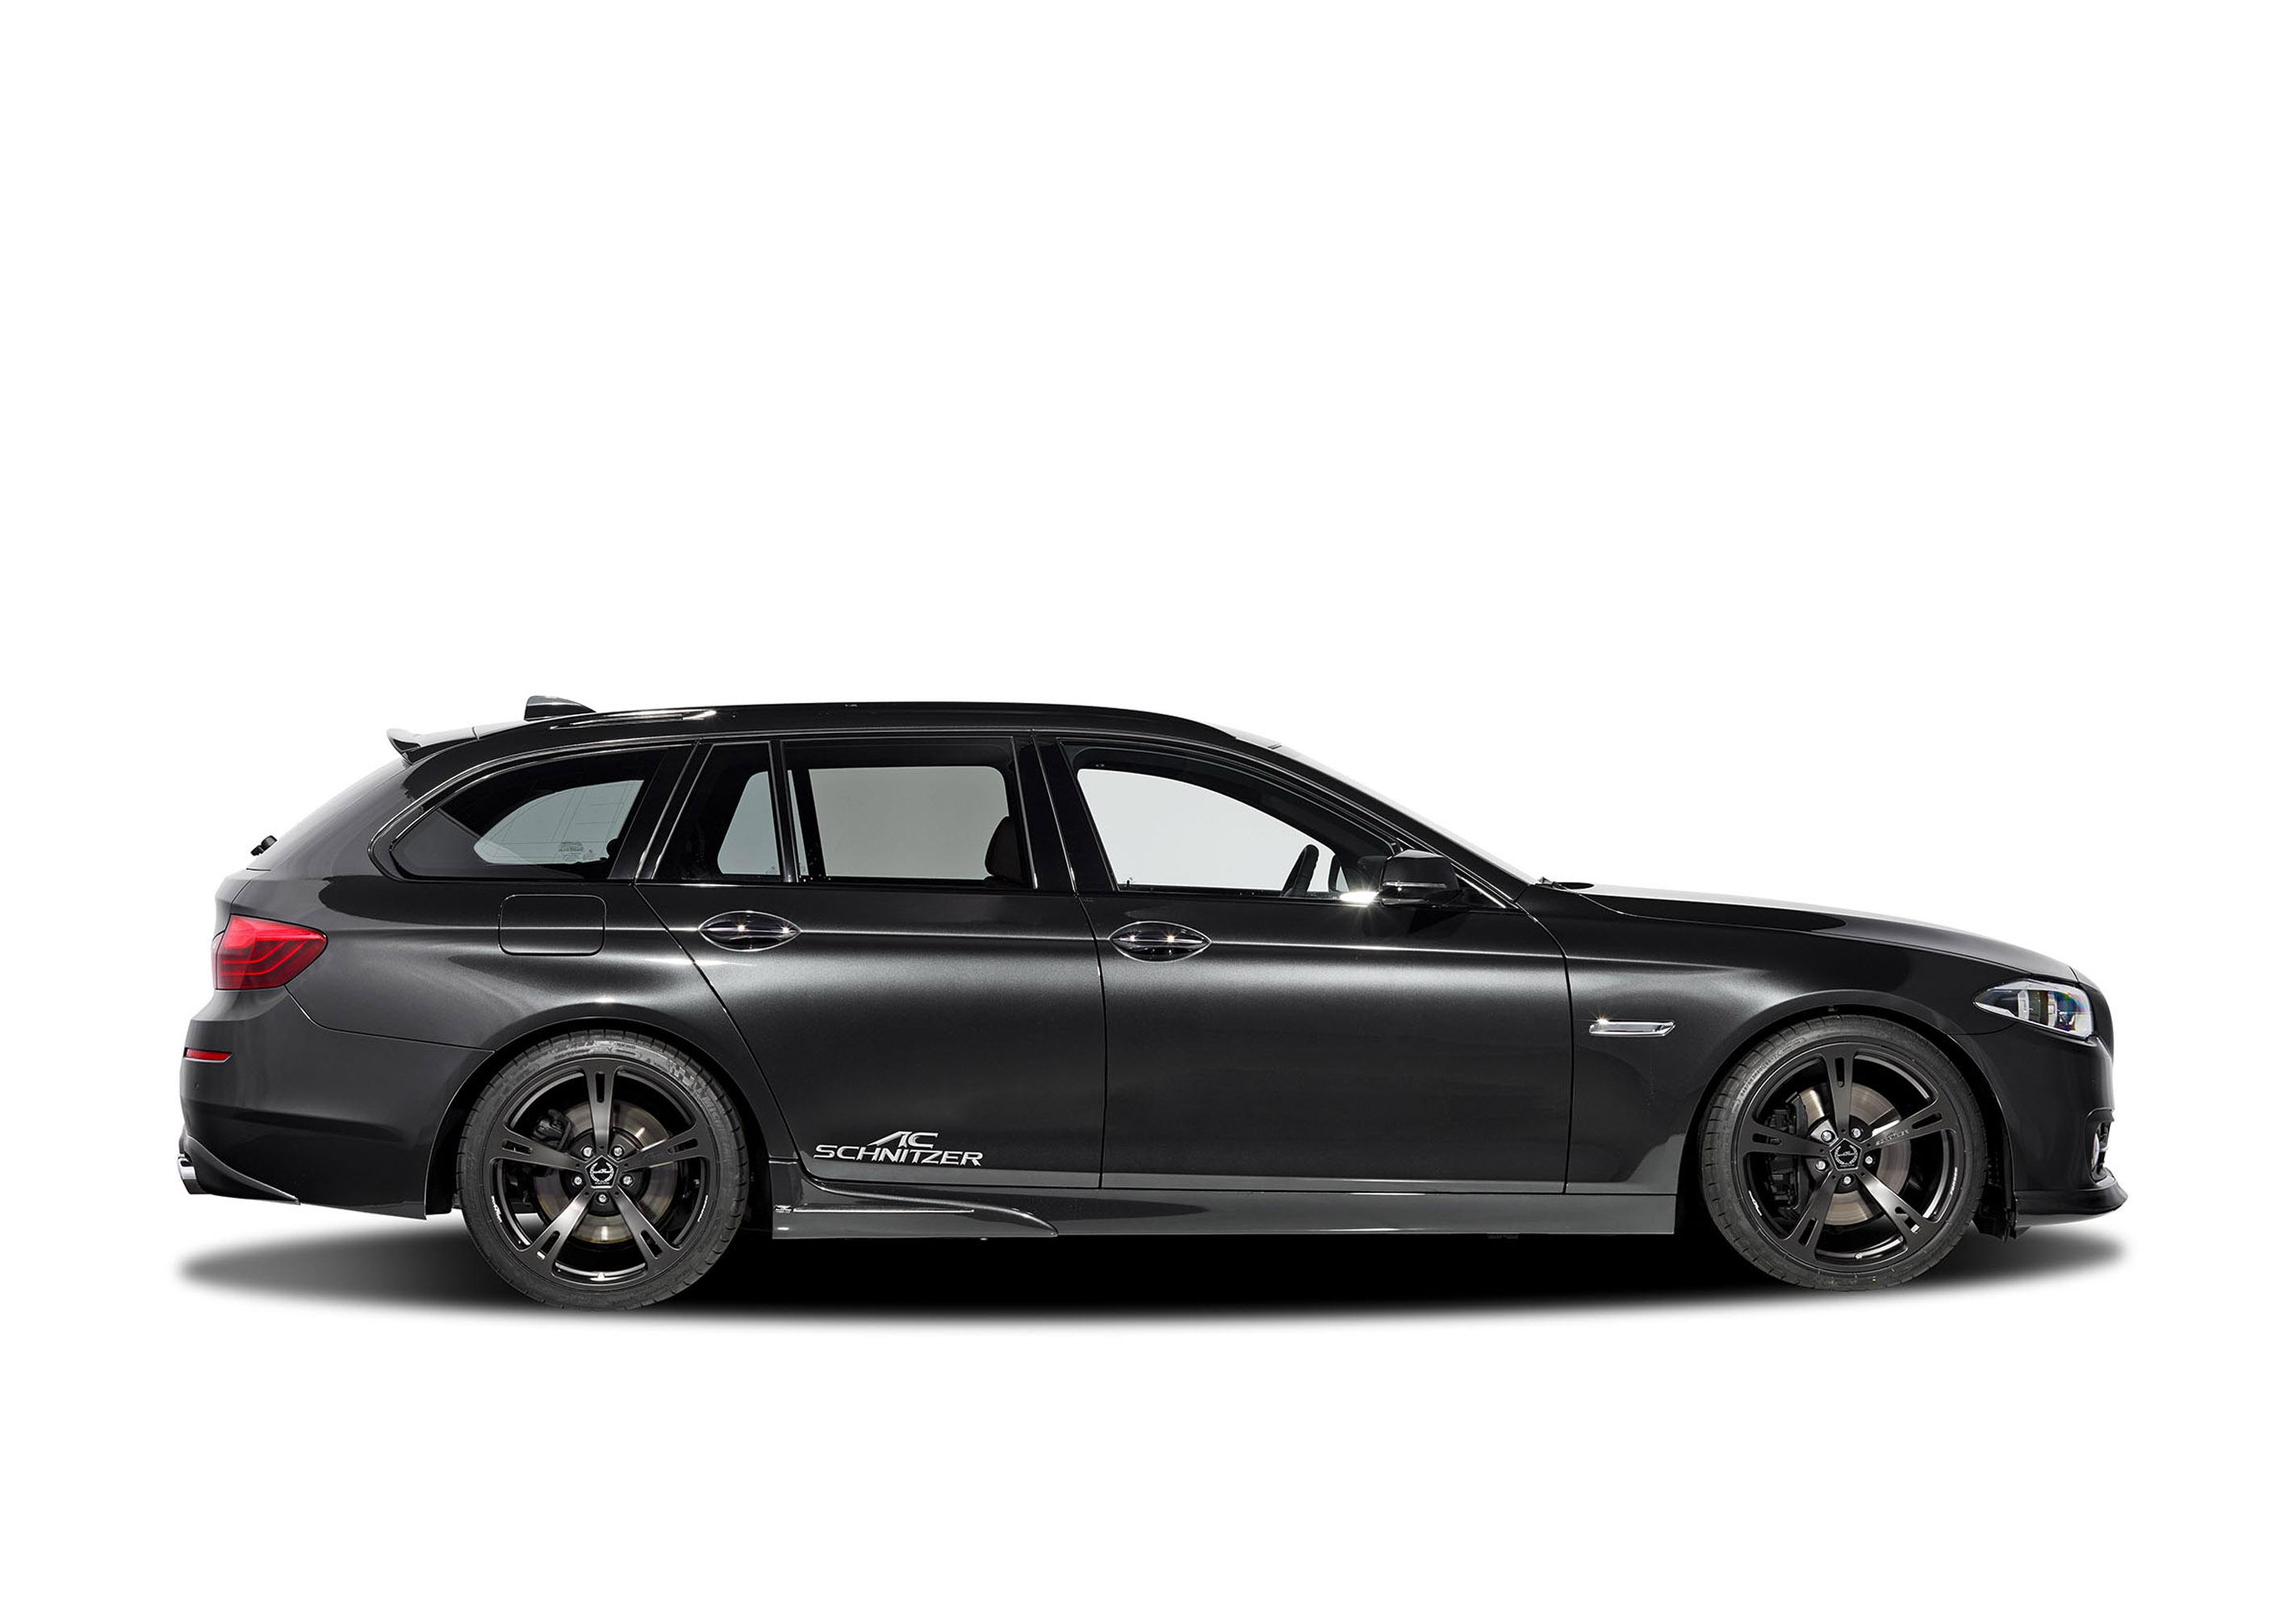 АС Шнитцер BMW 5 серии туринг ЛКИ Эссене дебютирует на мотор-шоу  - фотография №8